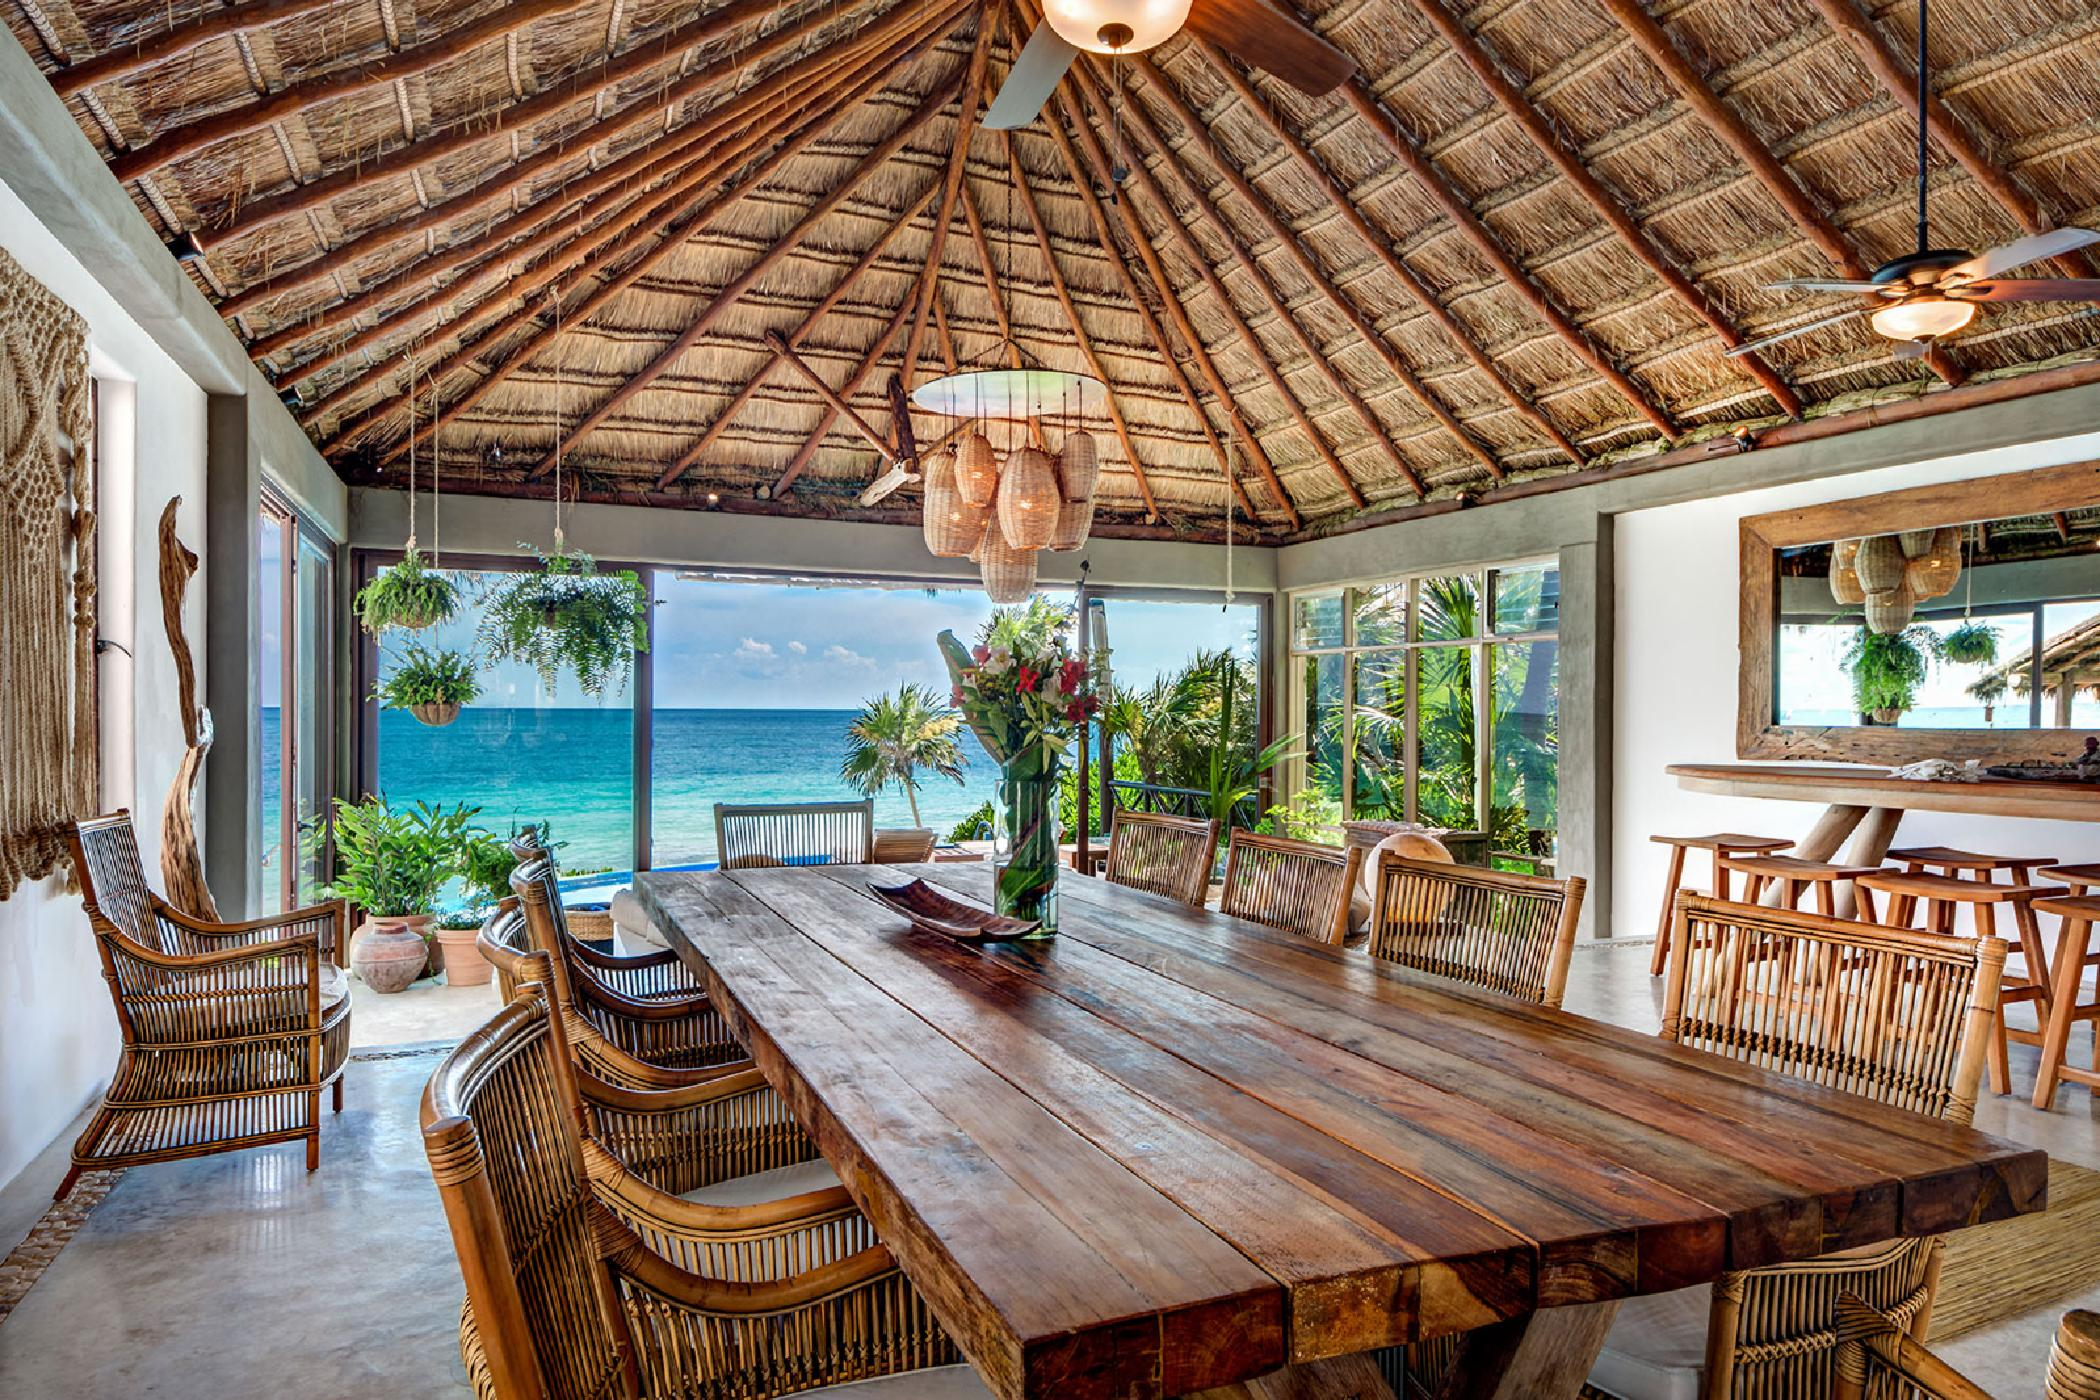 Maya_Luxe_Riviera_Maya_Luxury_Villas_Experiences_Tulum_Beach_5_Bedrooms_Villa_Miramar_18.jpg